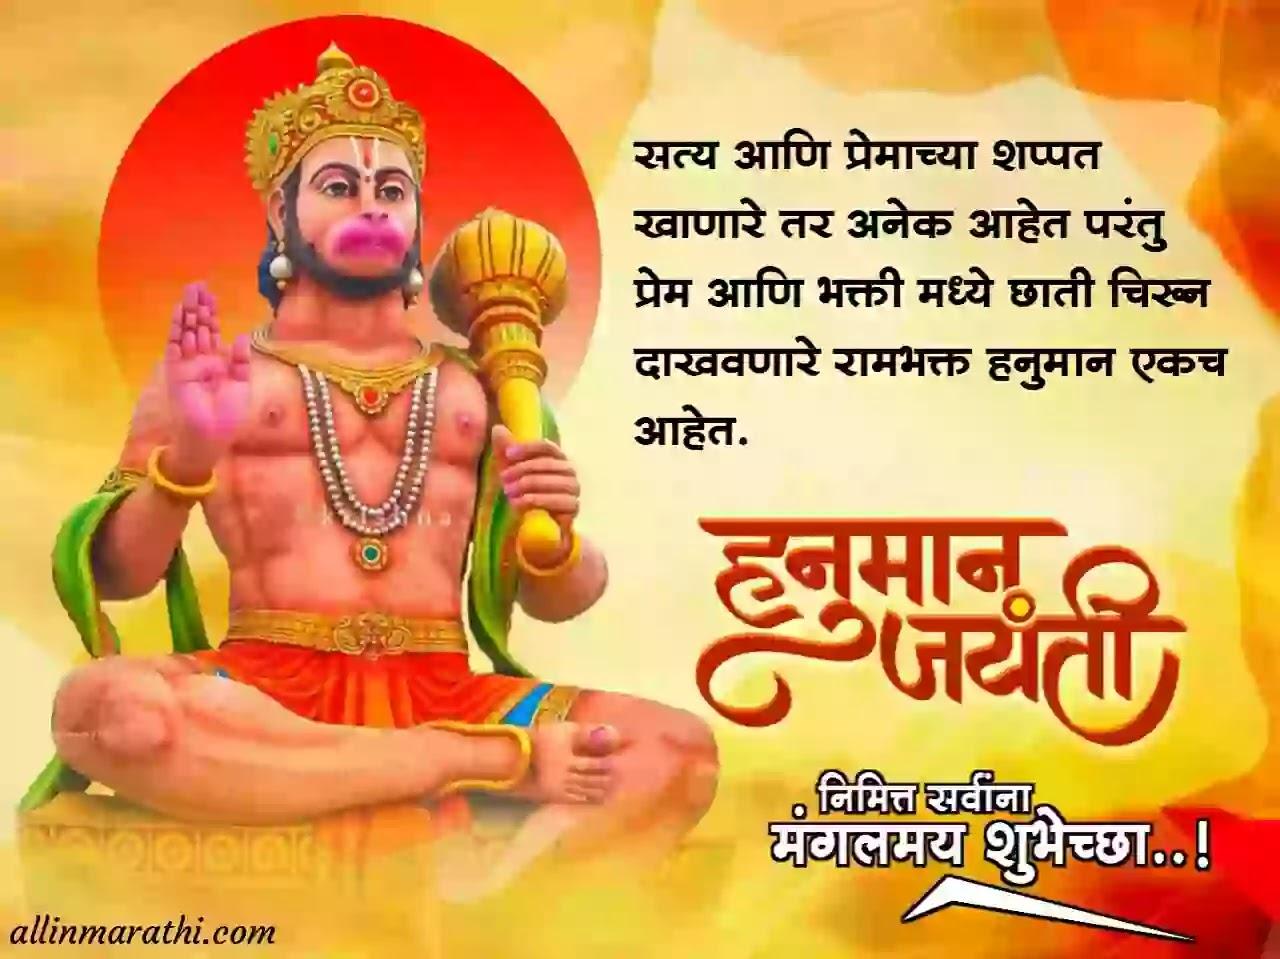 Hanuman-jayanti-images-marathi